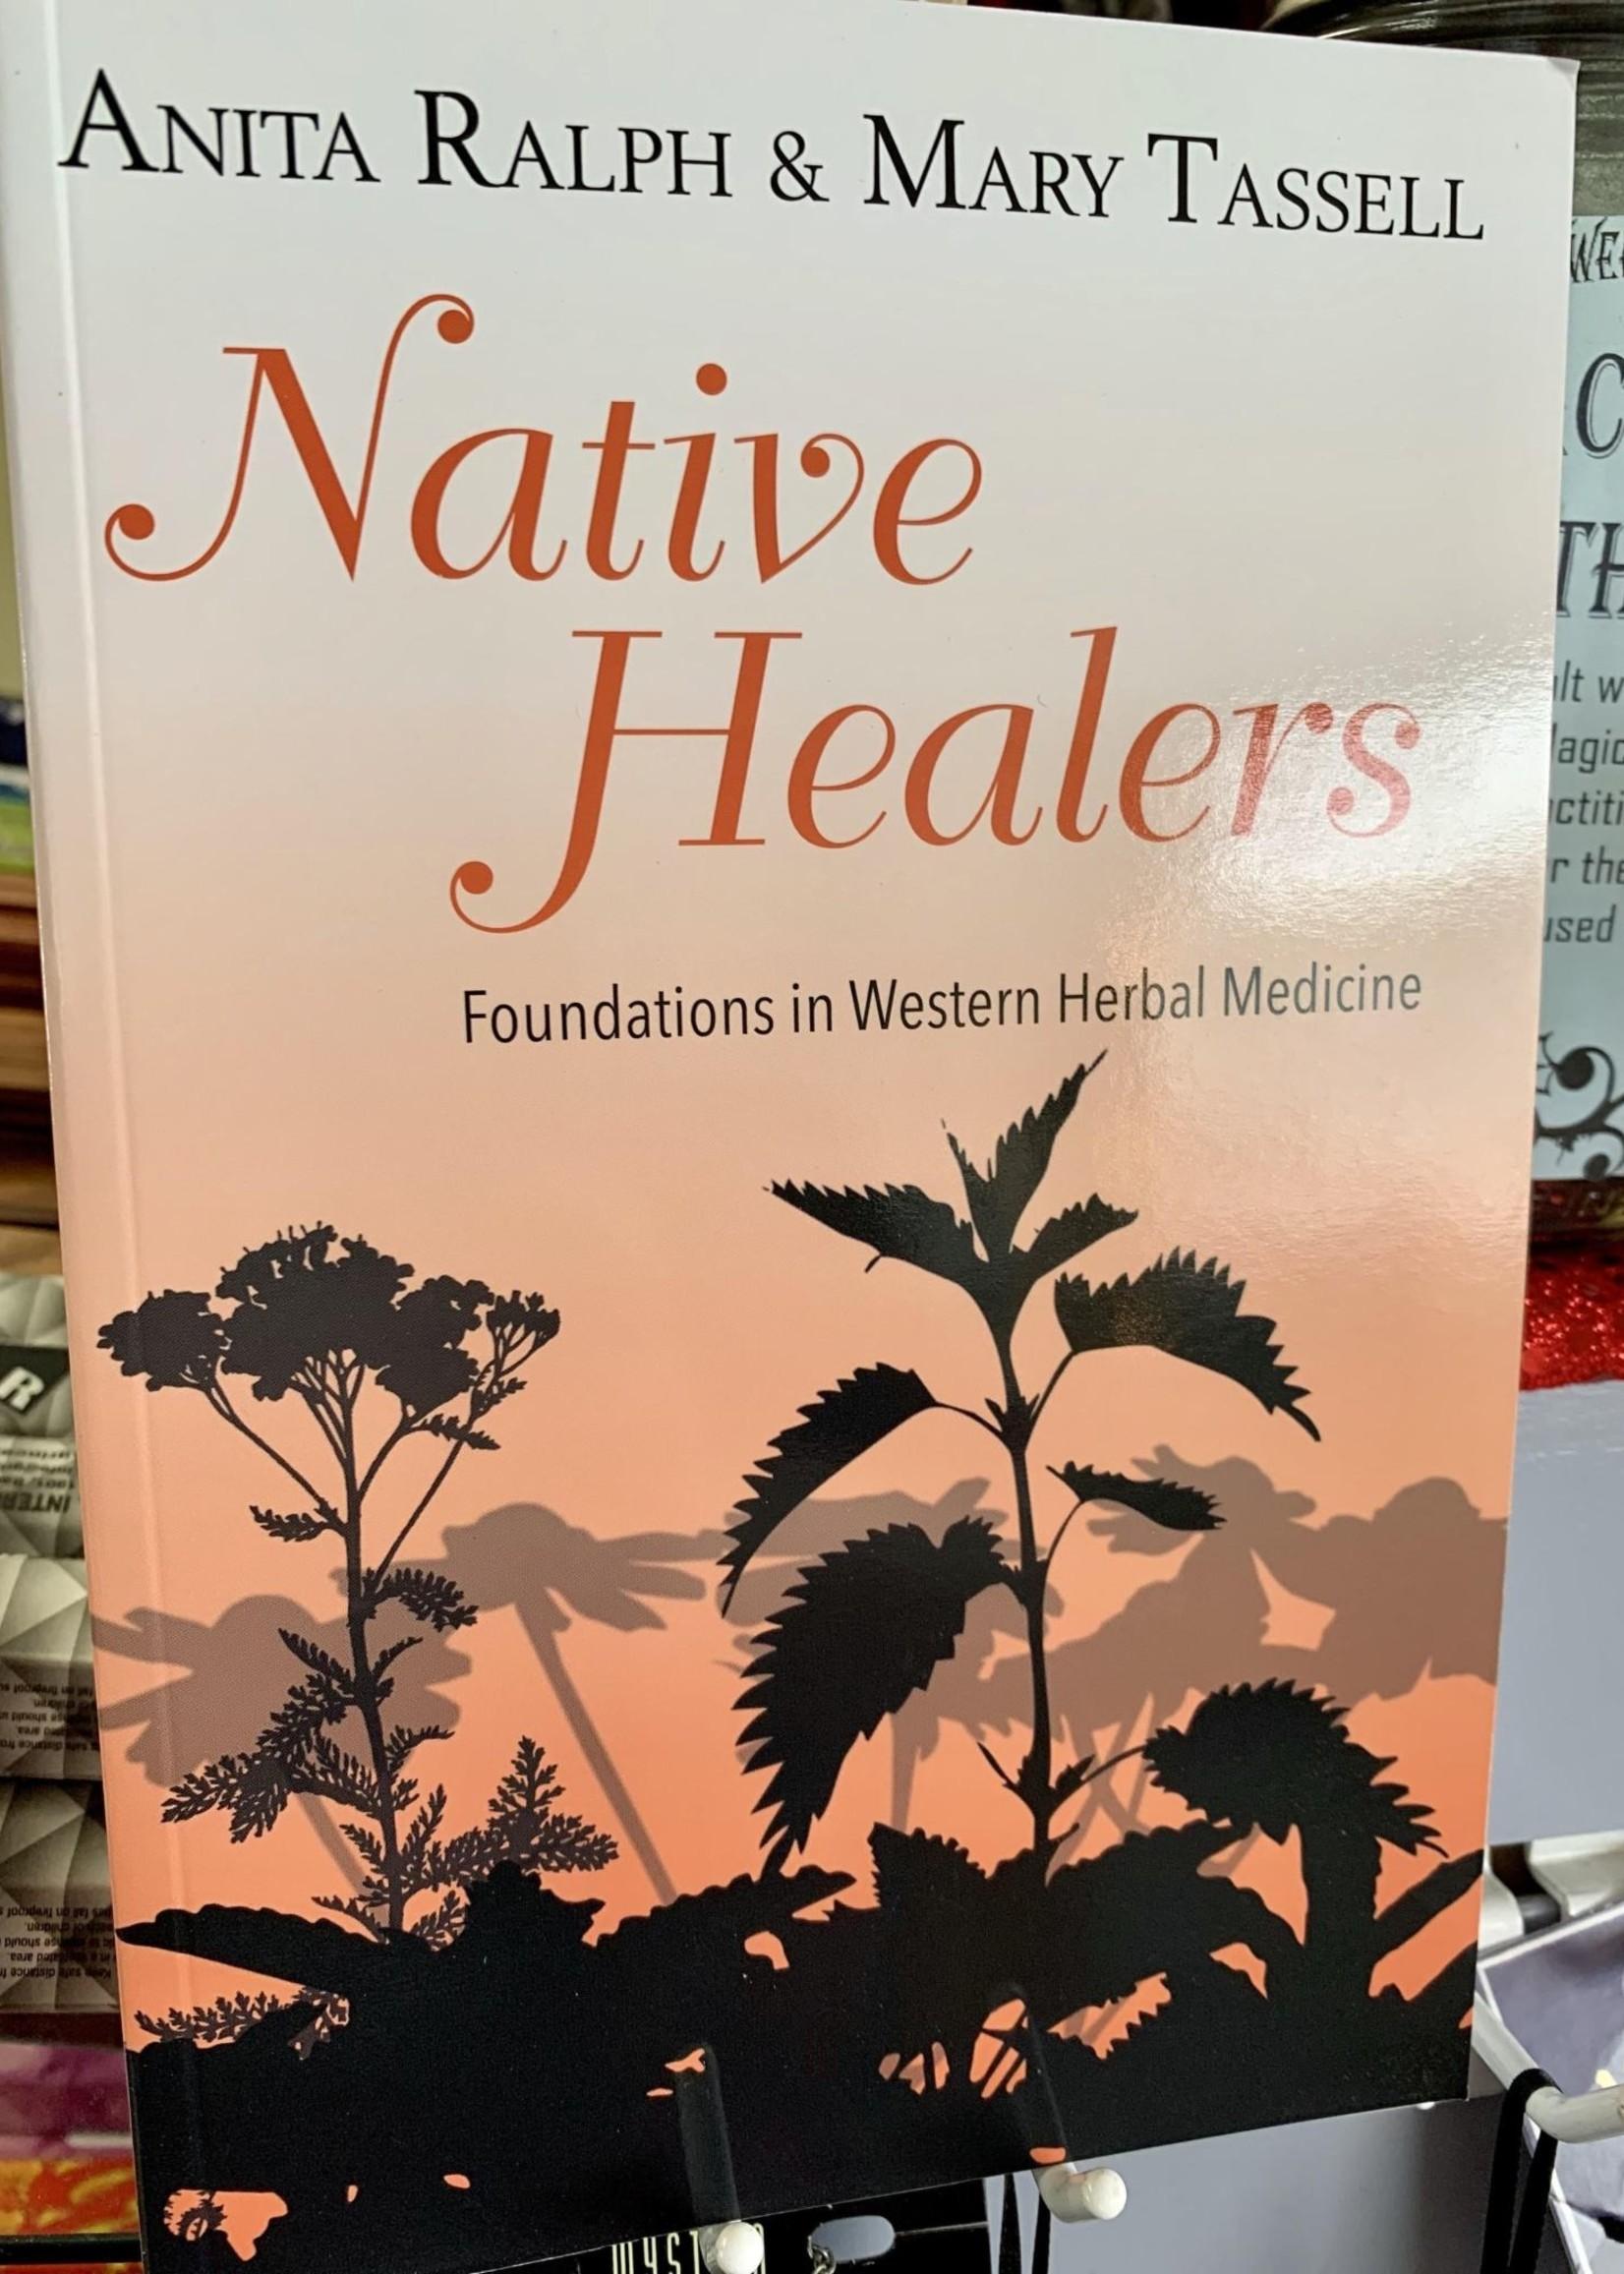 Native Healers - Anita Ralph & Mary Tassell